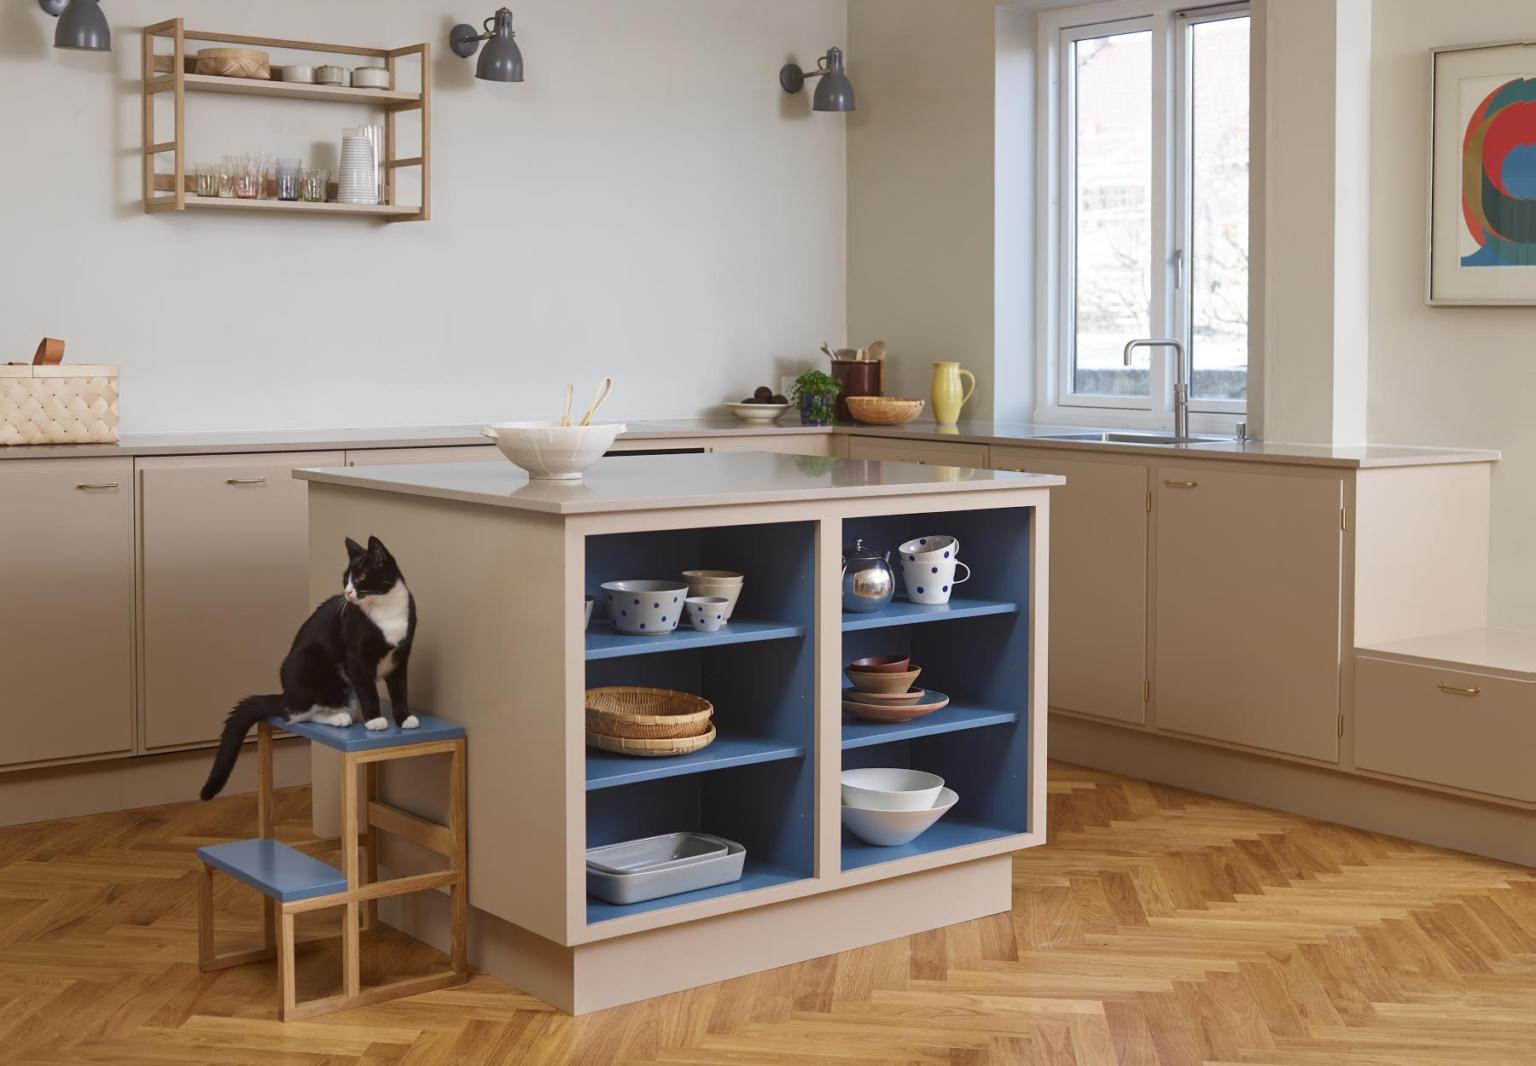 stillleben copenhagen frame kitchen 1536x1066